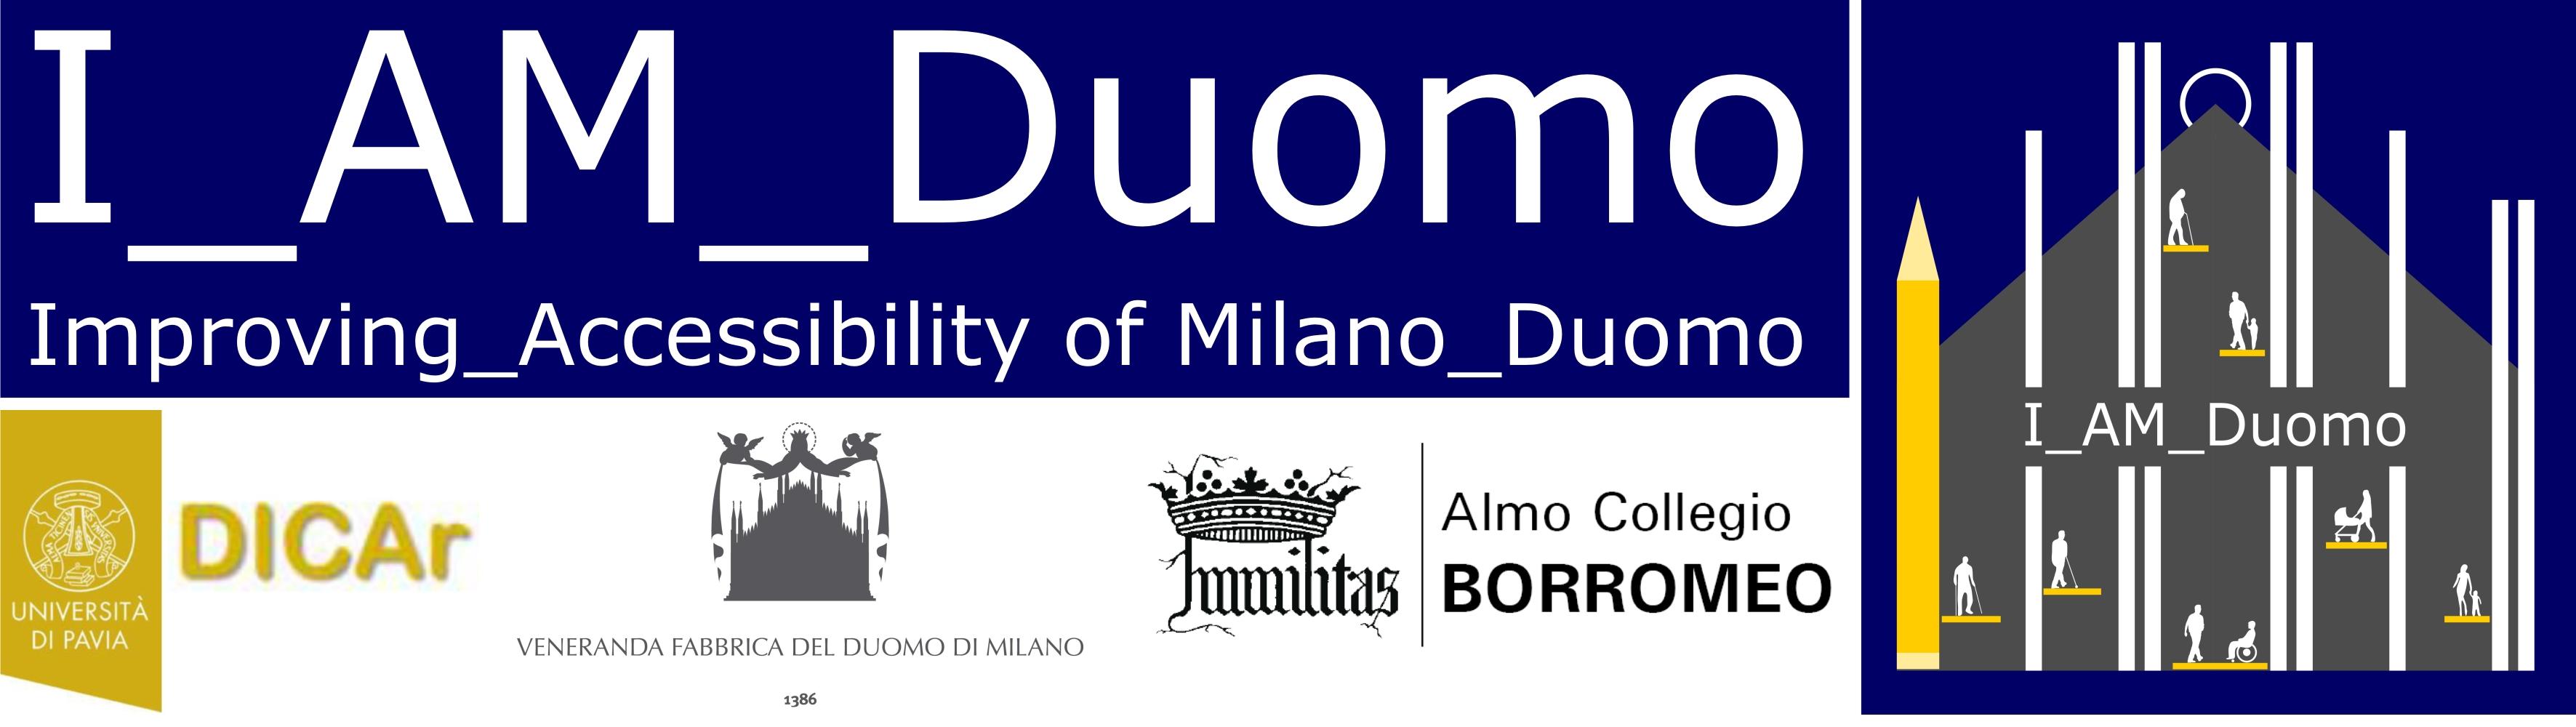 I_AM_Duomo